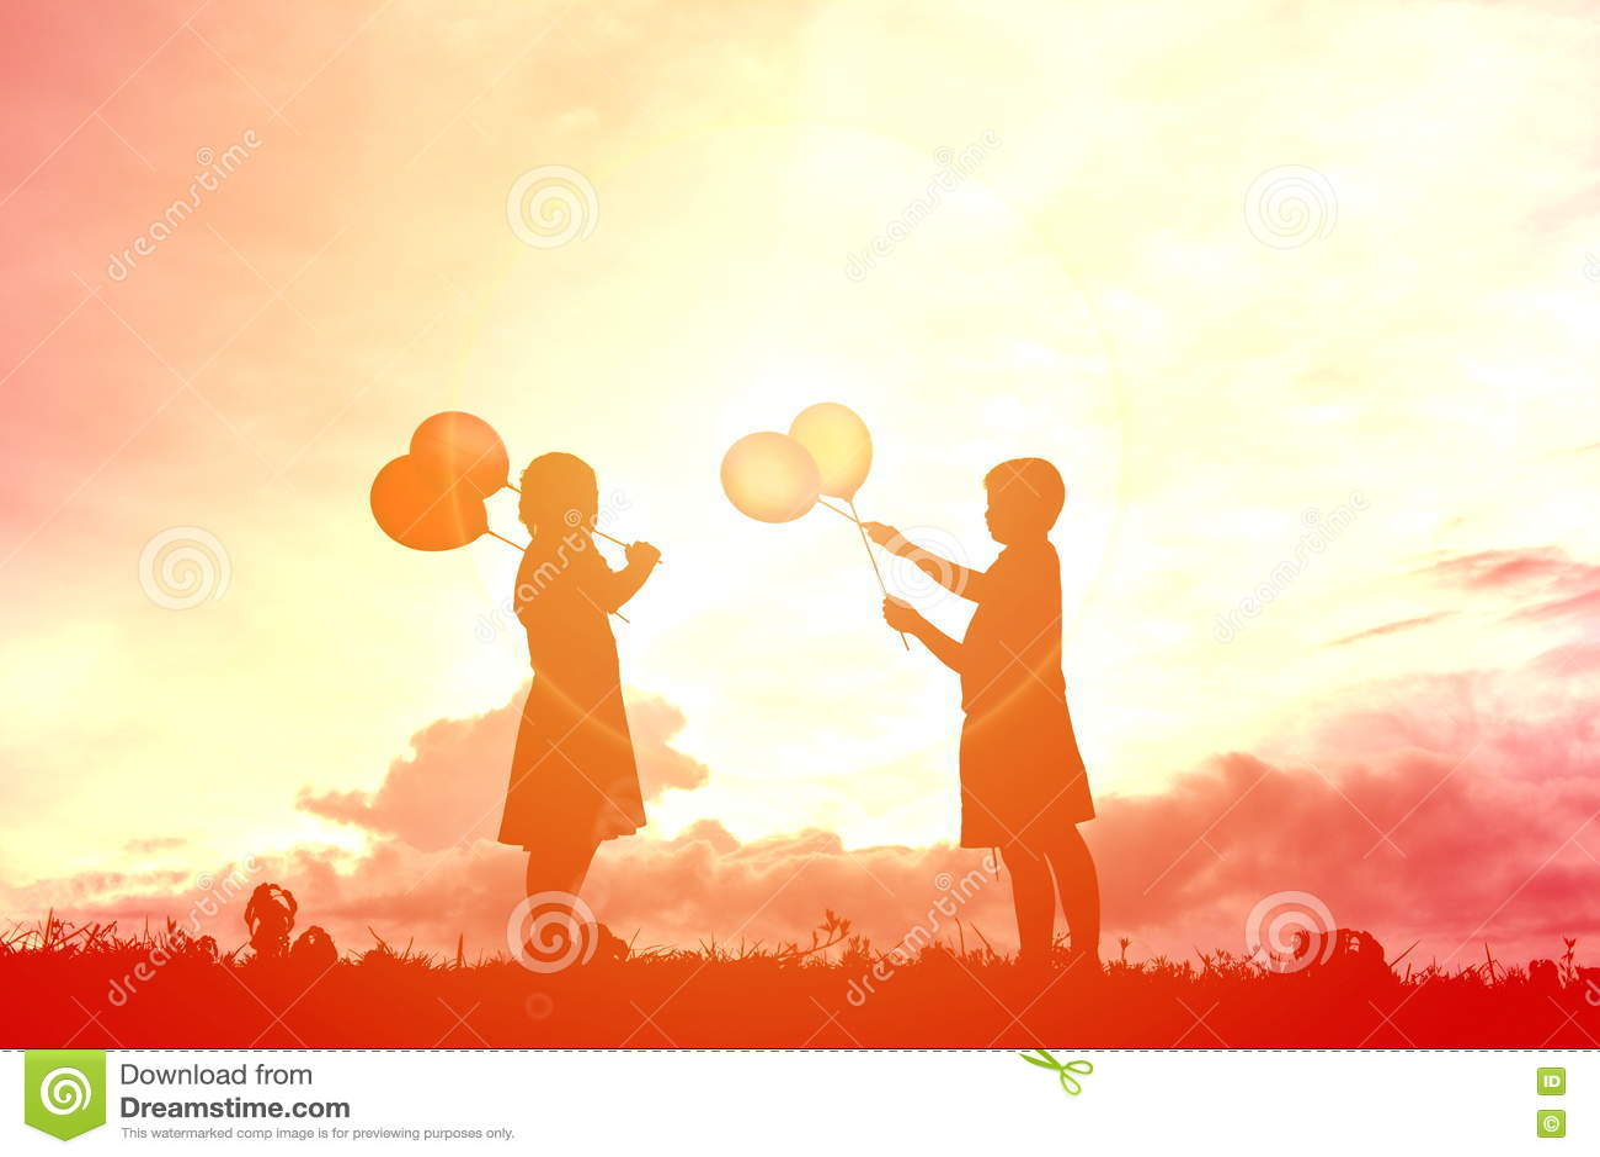 Crianças da silhueta com balão